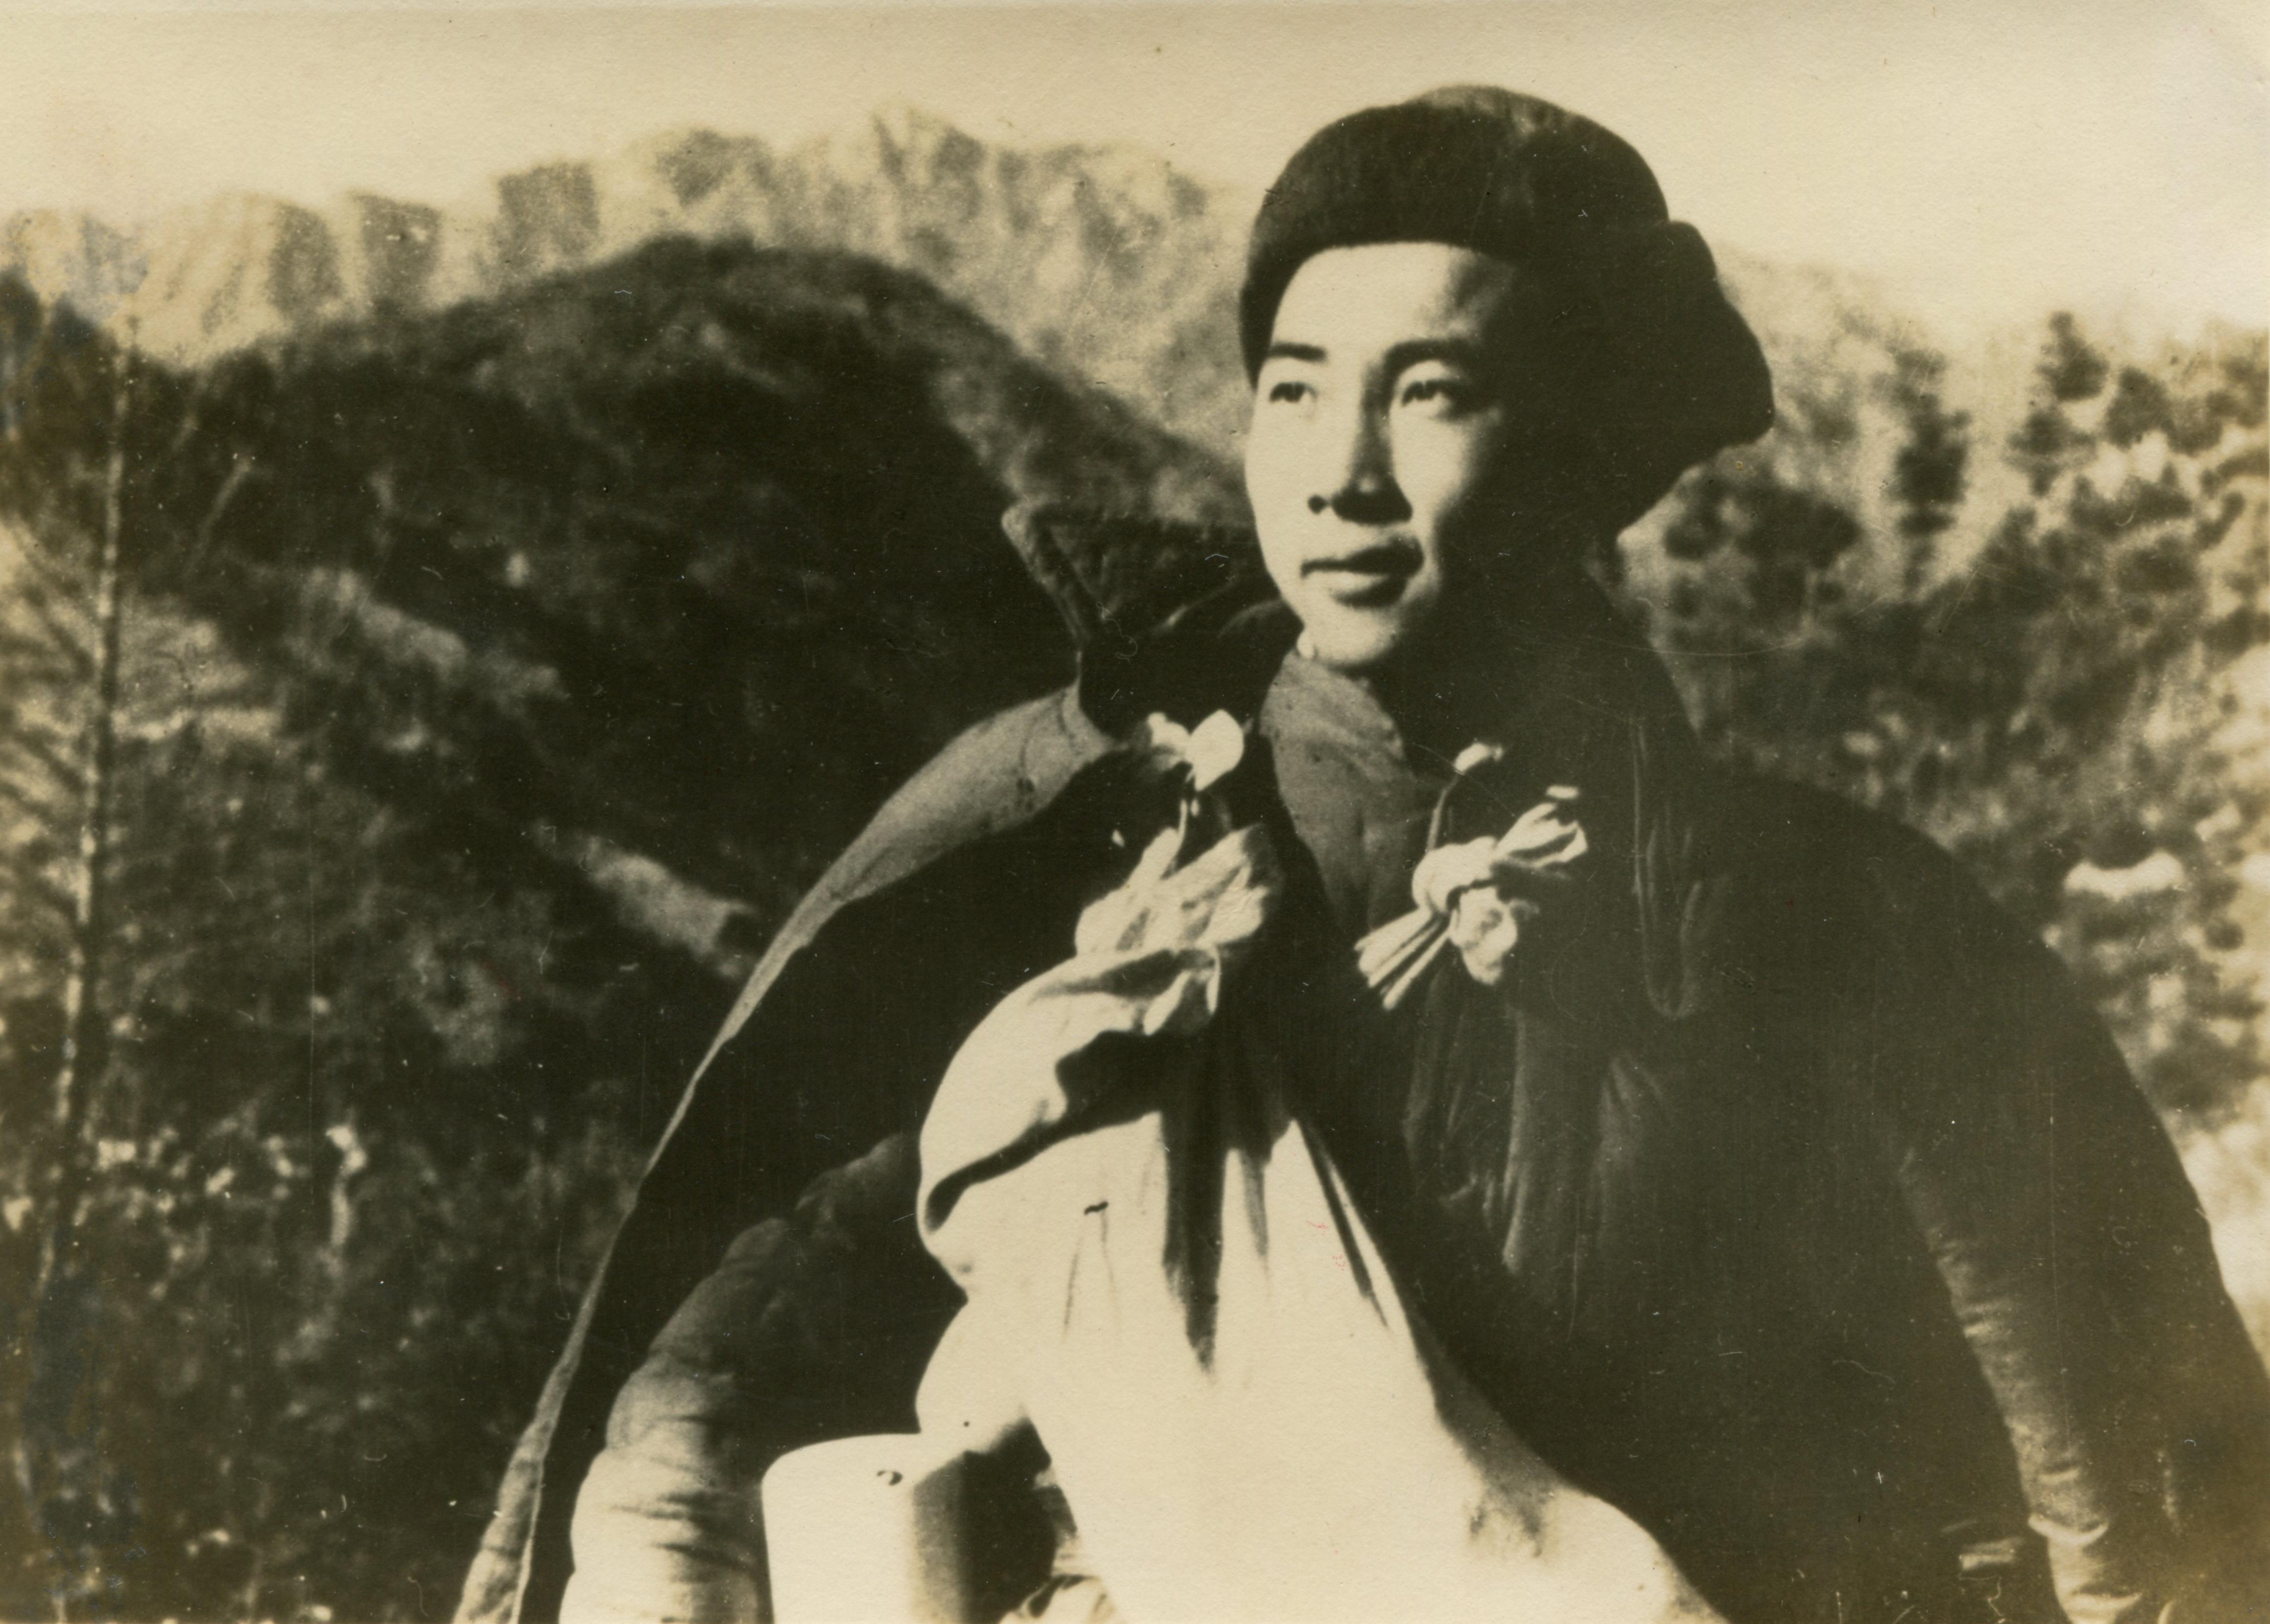 19501227 志願軍戰士胸前背的乾糧袋。(資料圖片)